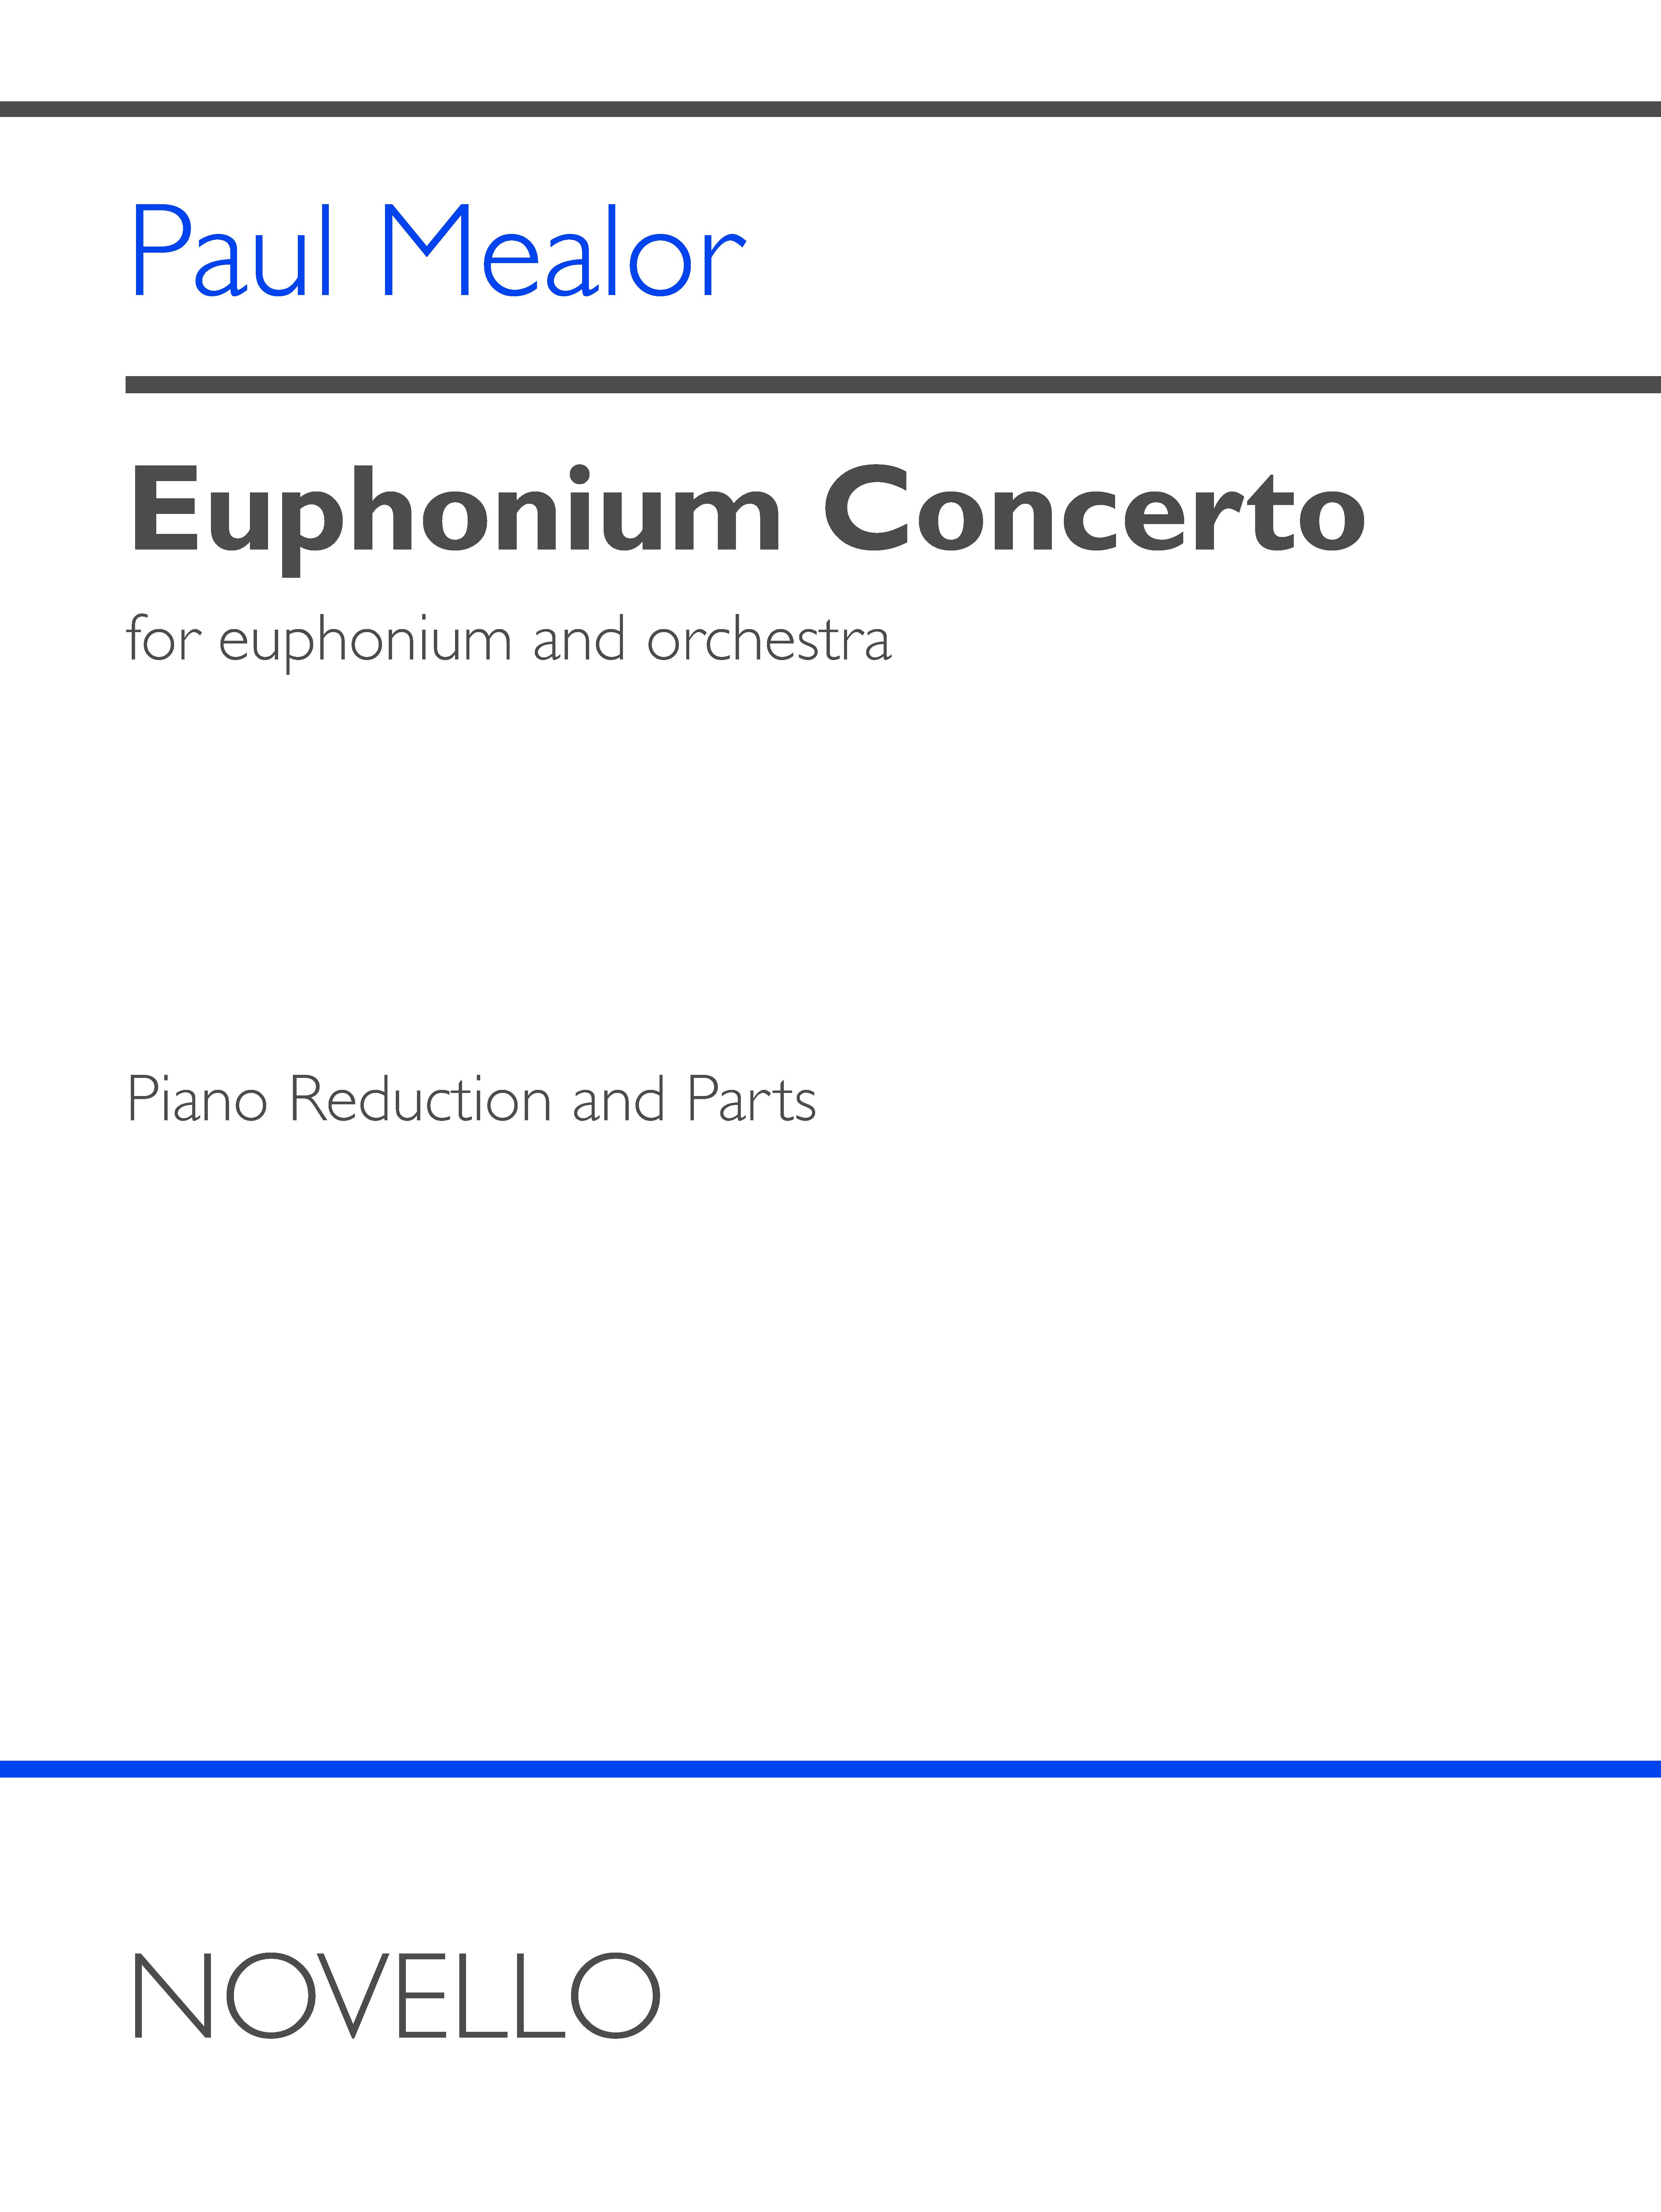 Paul Mealor: Euphonium Concerto: Euphonium: Score